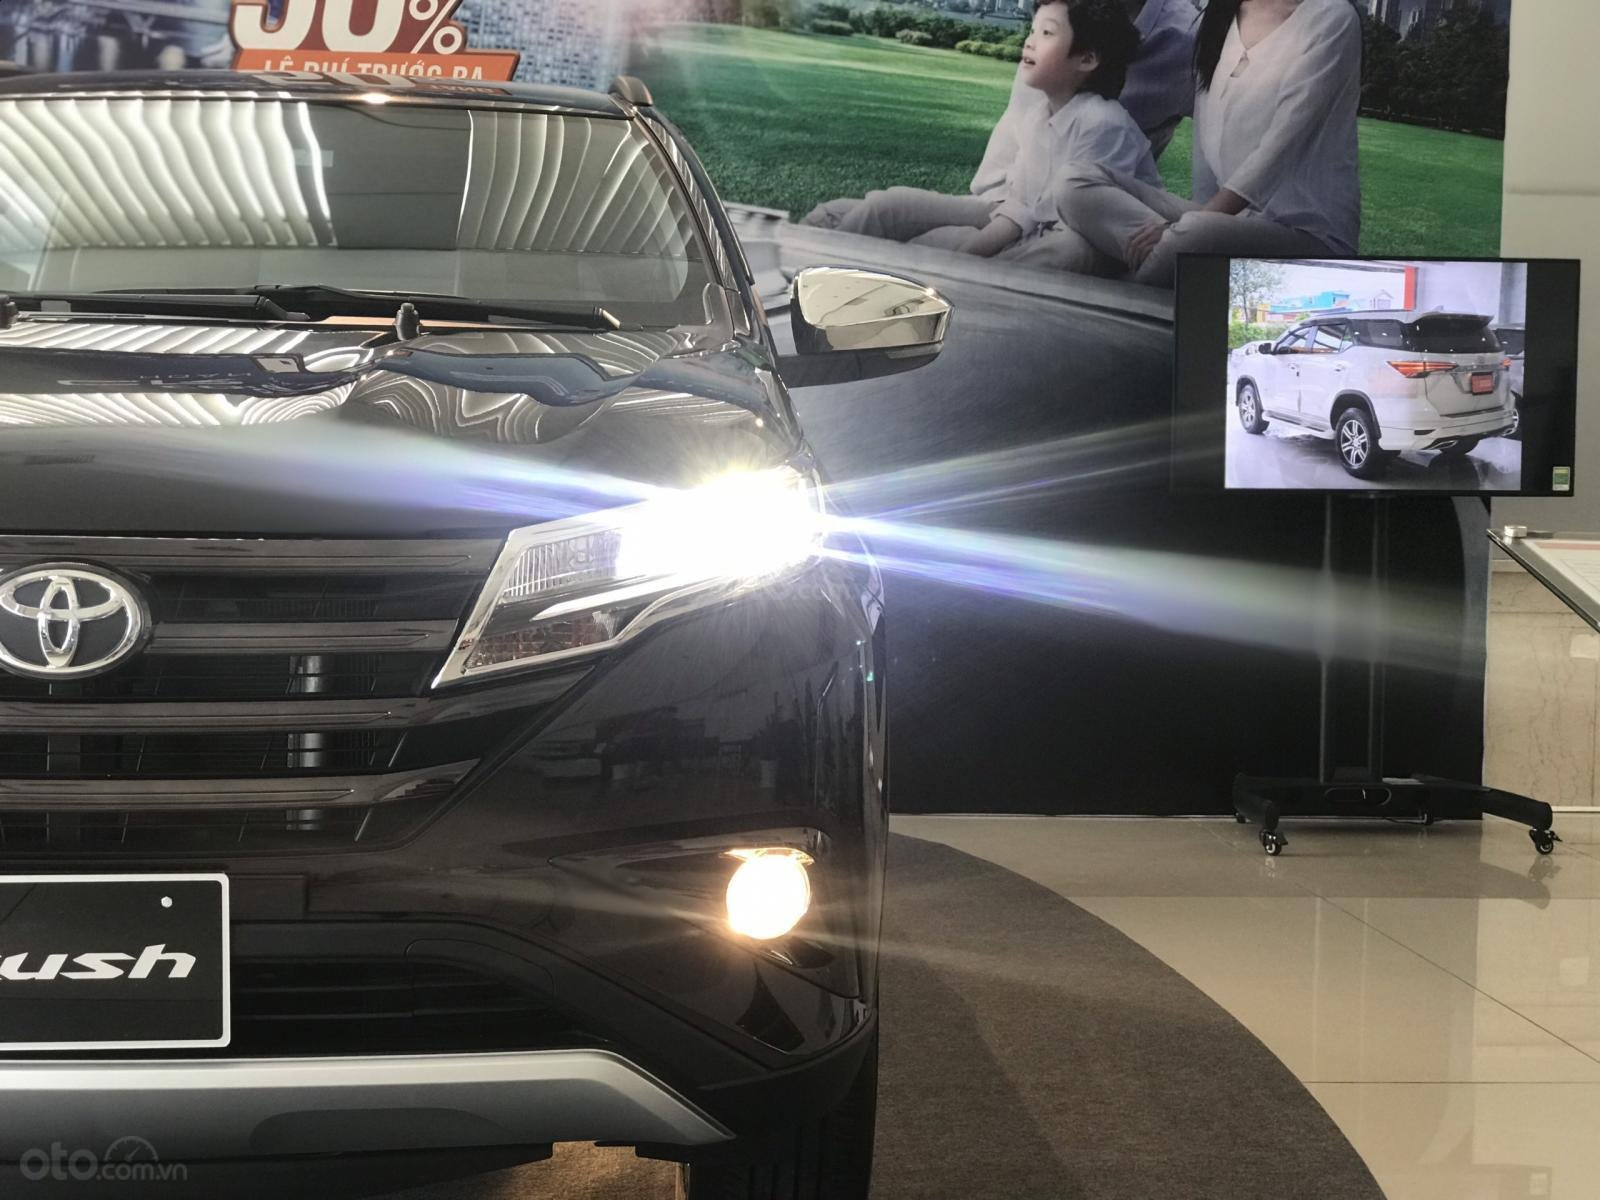 Toyota Rush nhập khẩu nguyên chiếc, khuyến mãi khủng tháng 9/2020, xe đủ màu giao ngay (2)